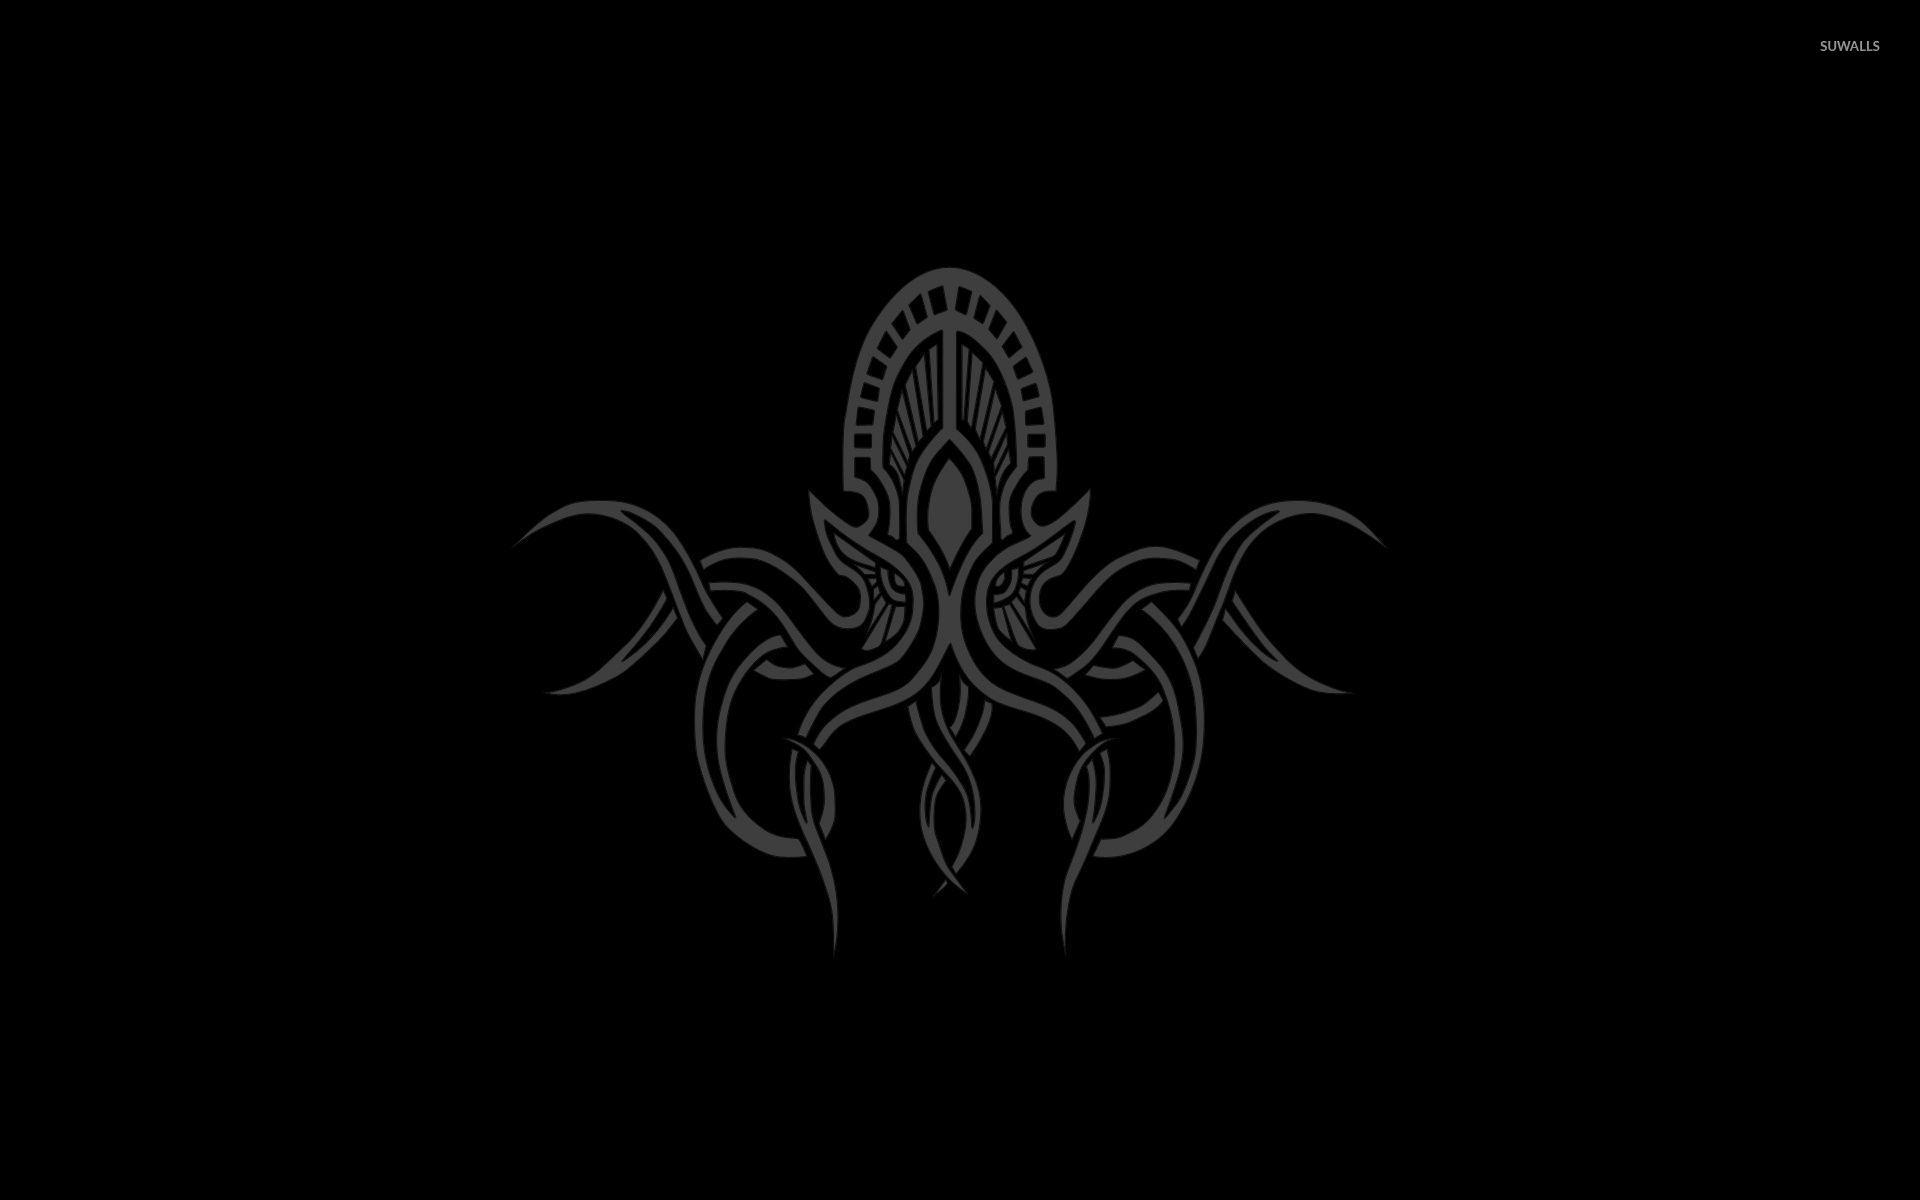 Octopus King Wallpaper